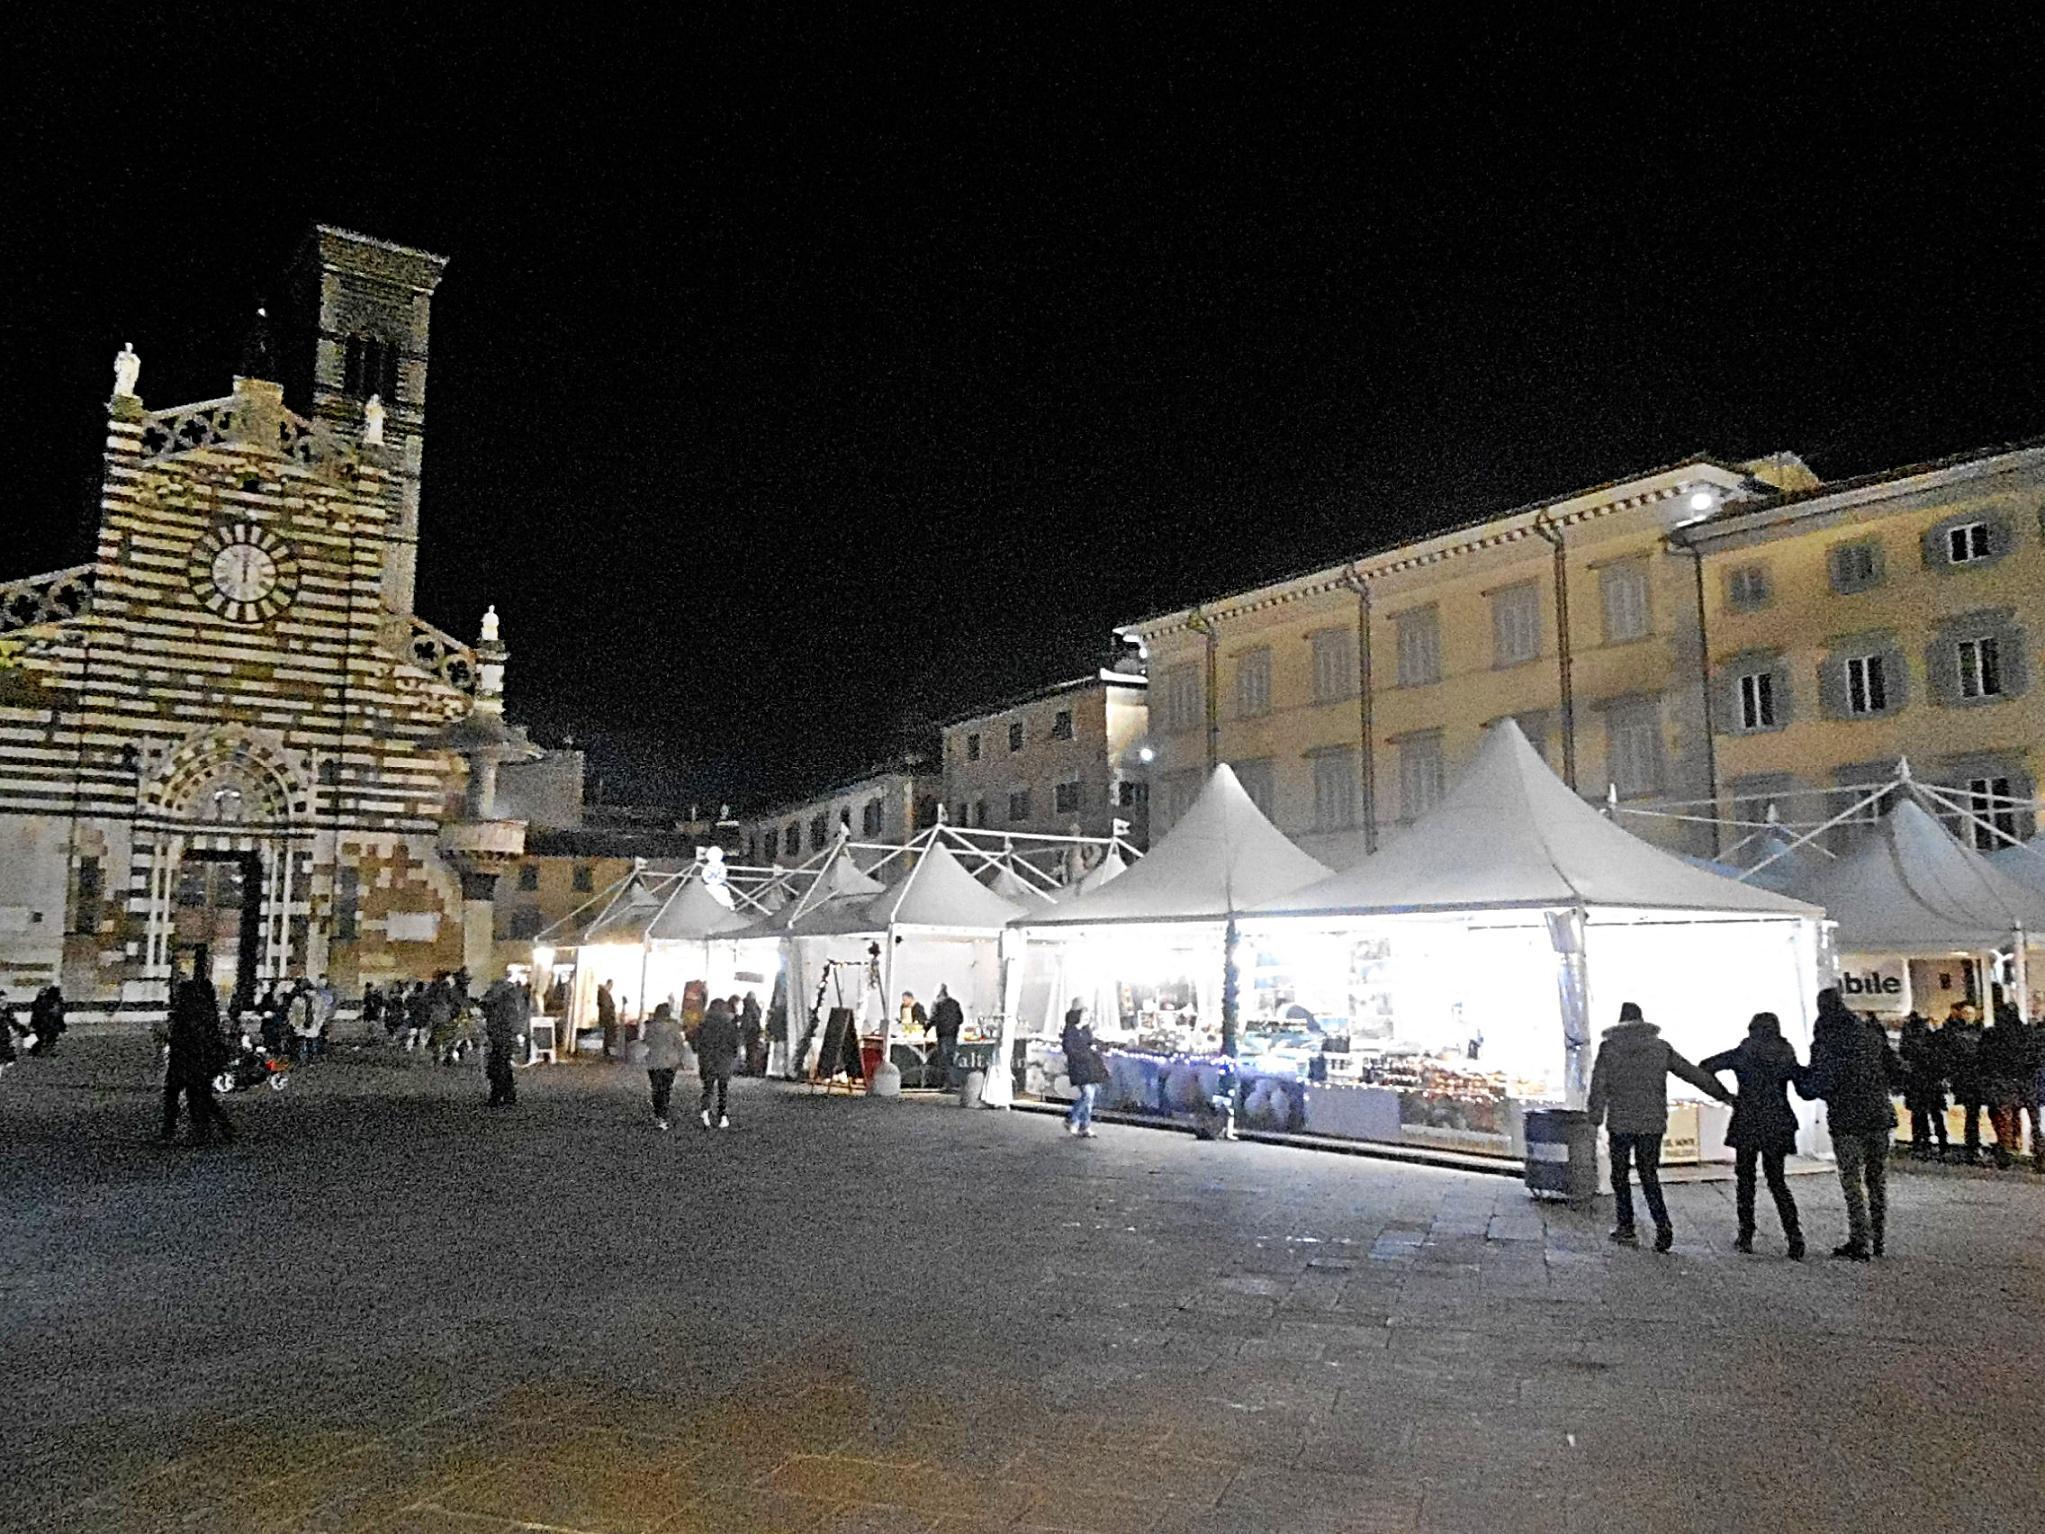 Mercato di natale in piazza del duomo prato notizie for Mercato prato